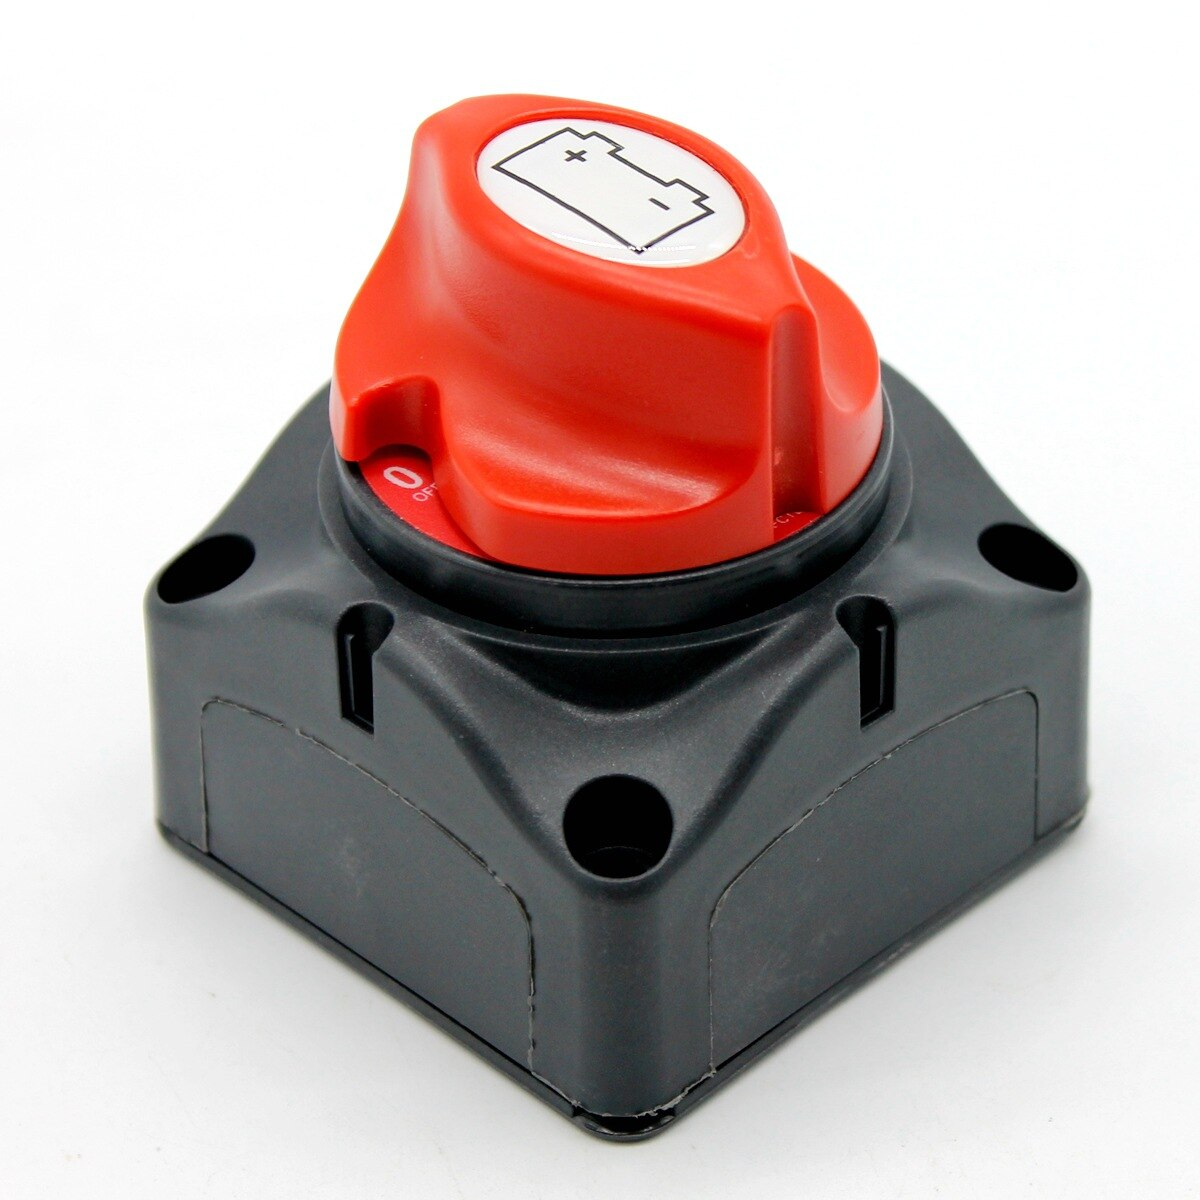 بطارية الطاقة قبالة التبديل 275A عالية الحالية مقبض مفتاح التشغيل التبديل على الخروج التبديل التبديل الملحقات